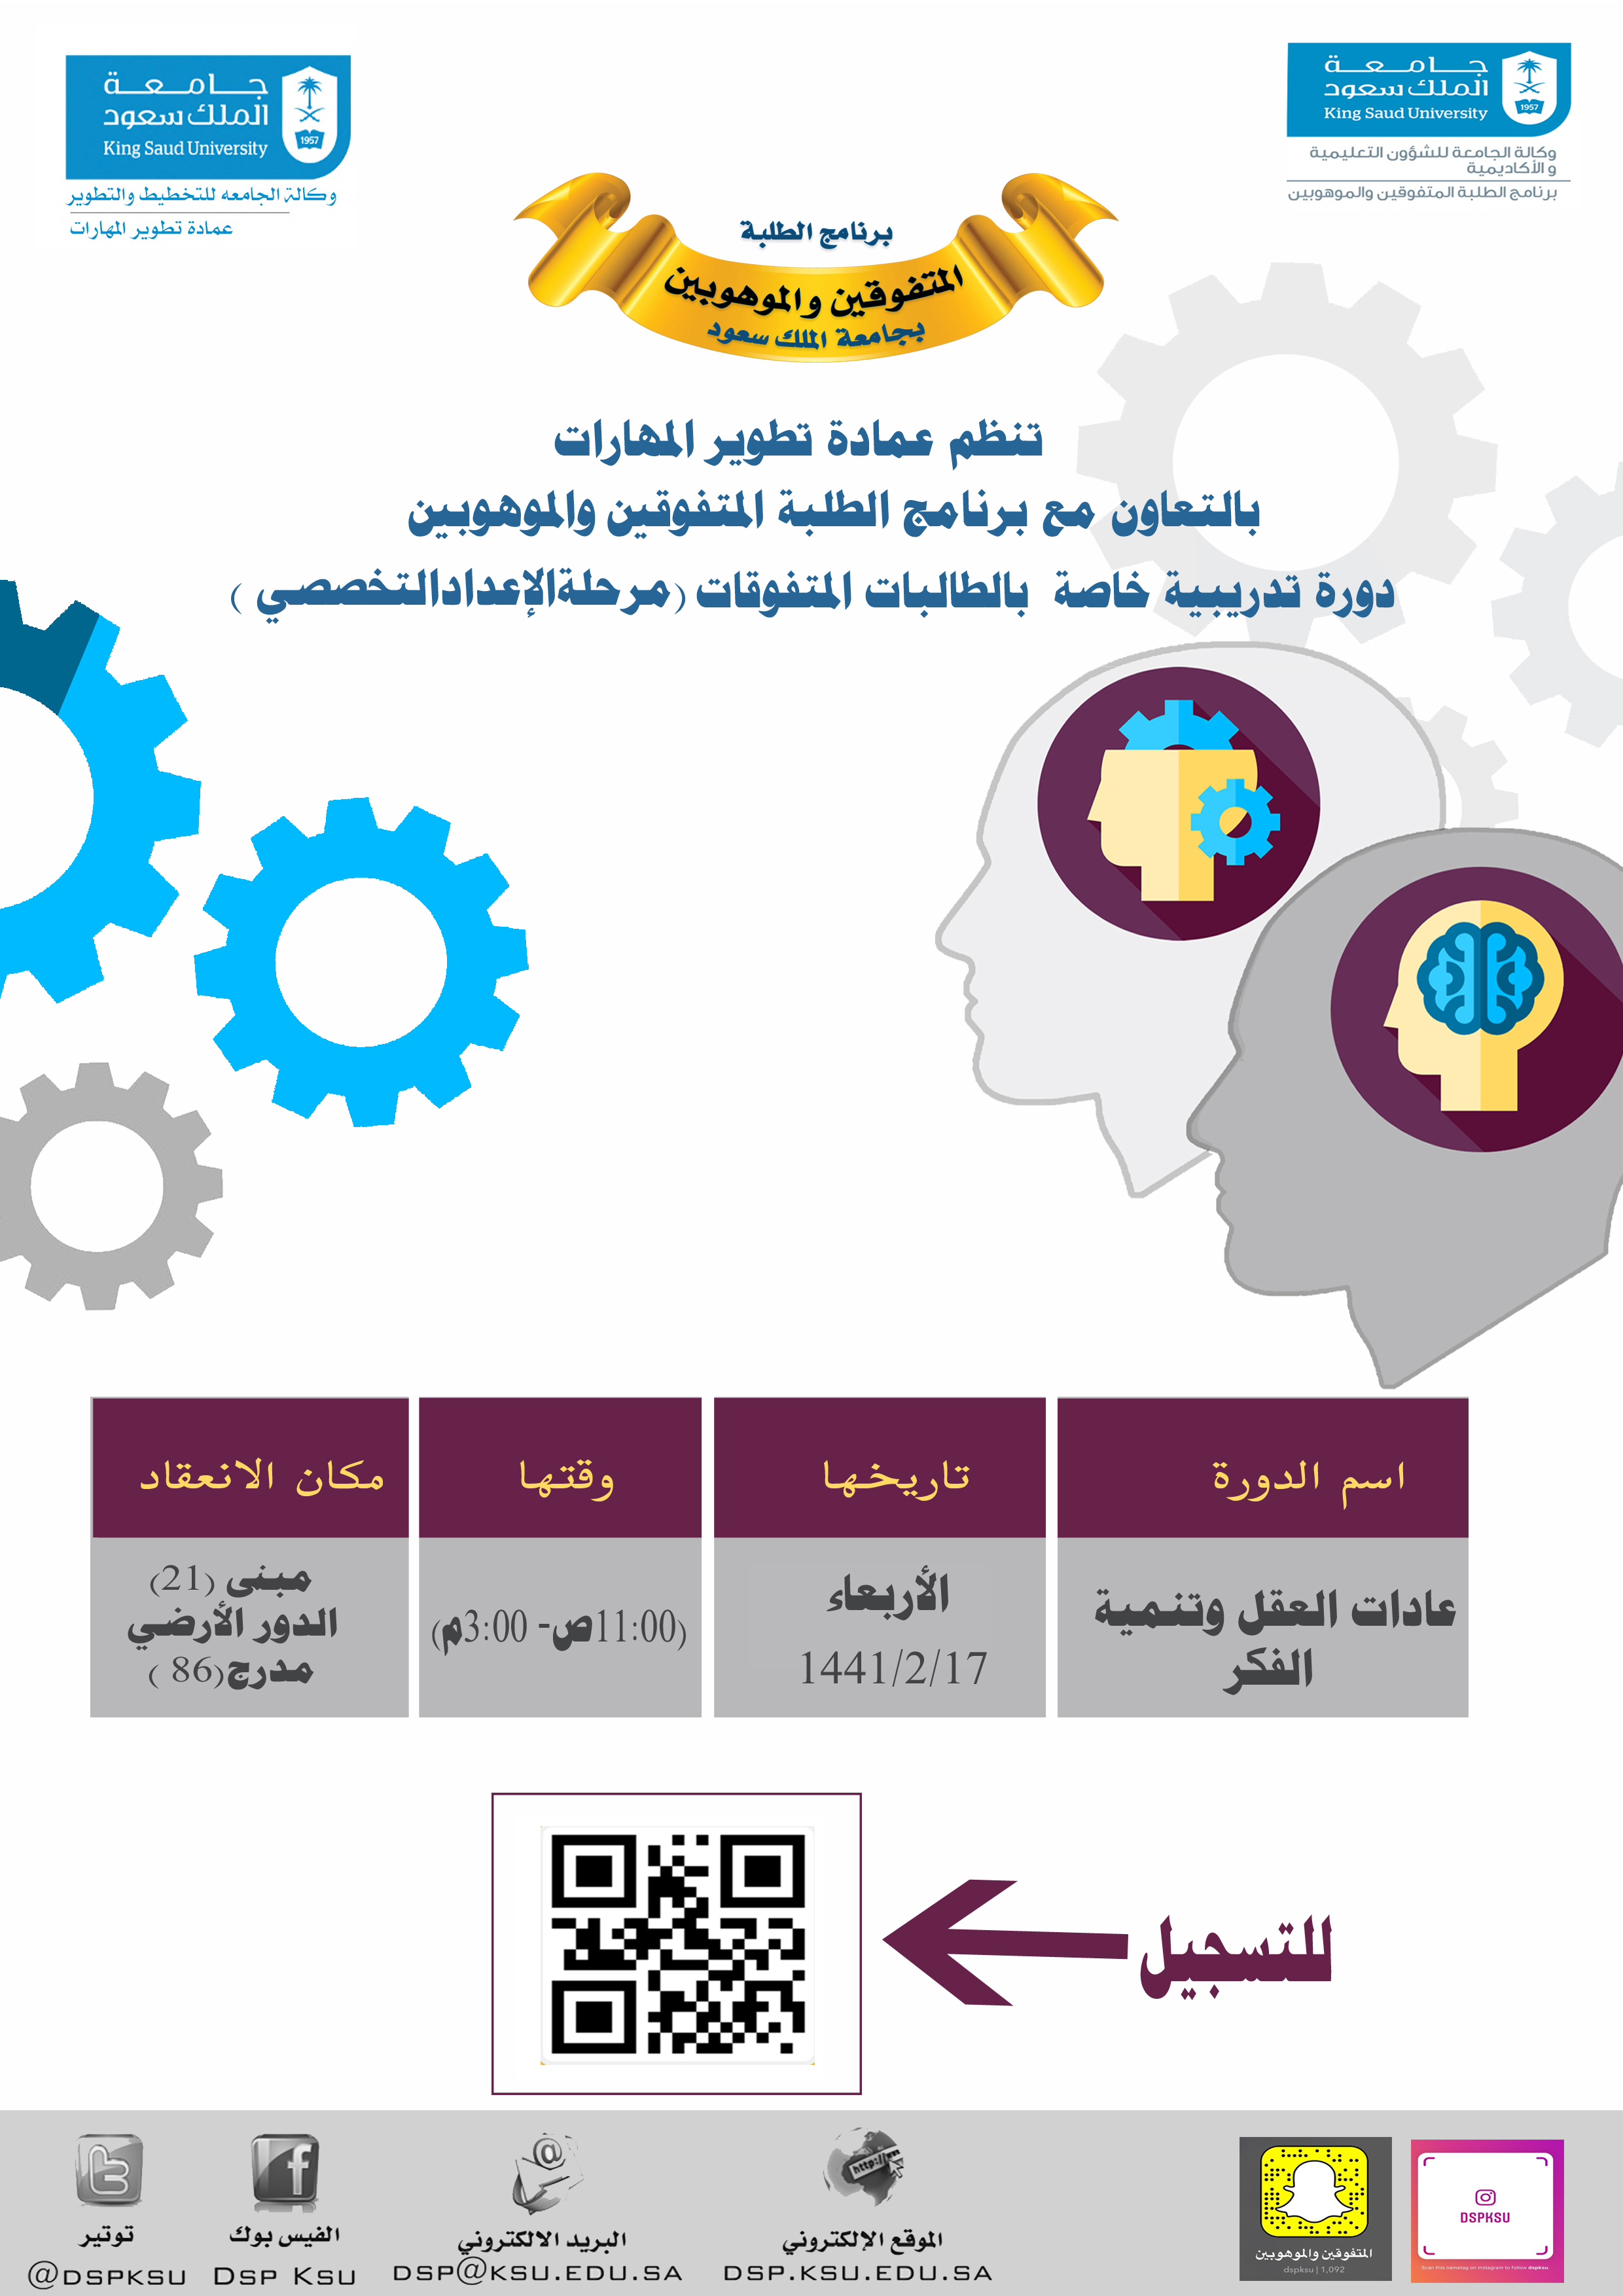 عادات العقل وتنمية الفكر